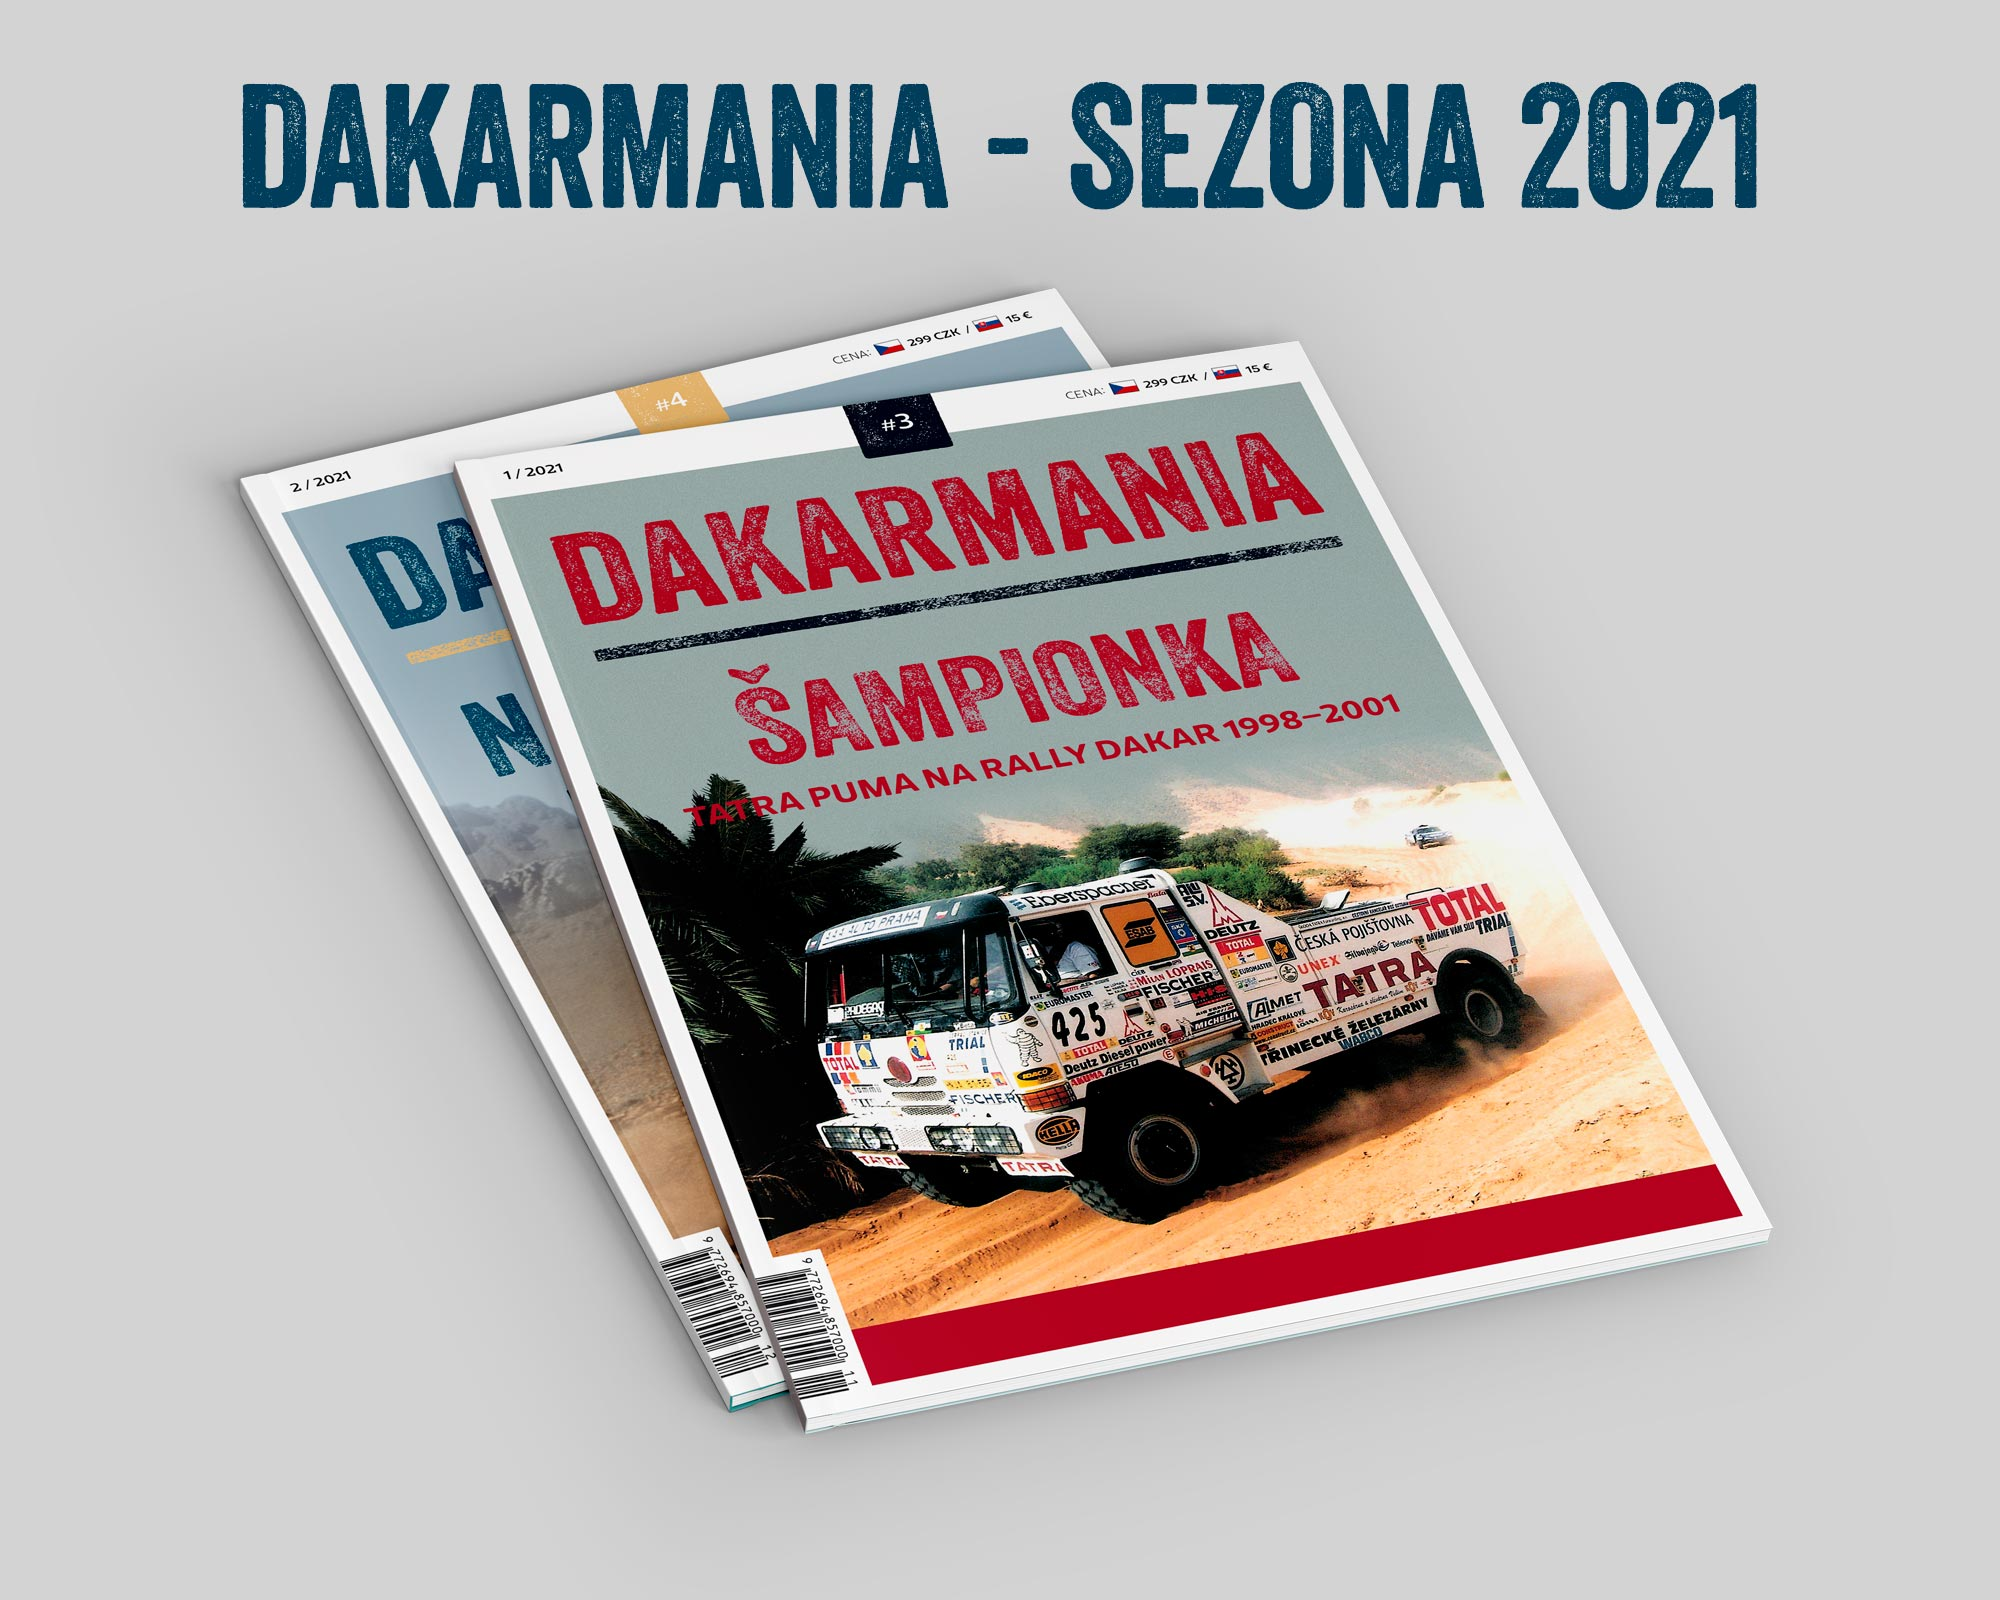 DAKARMANIA - roční předplatné - #3 a #4